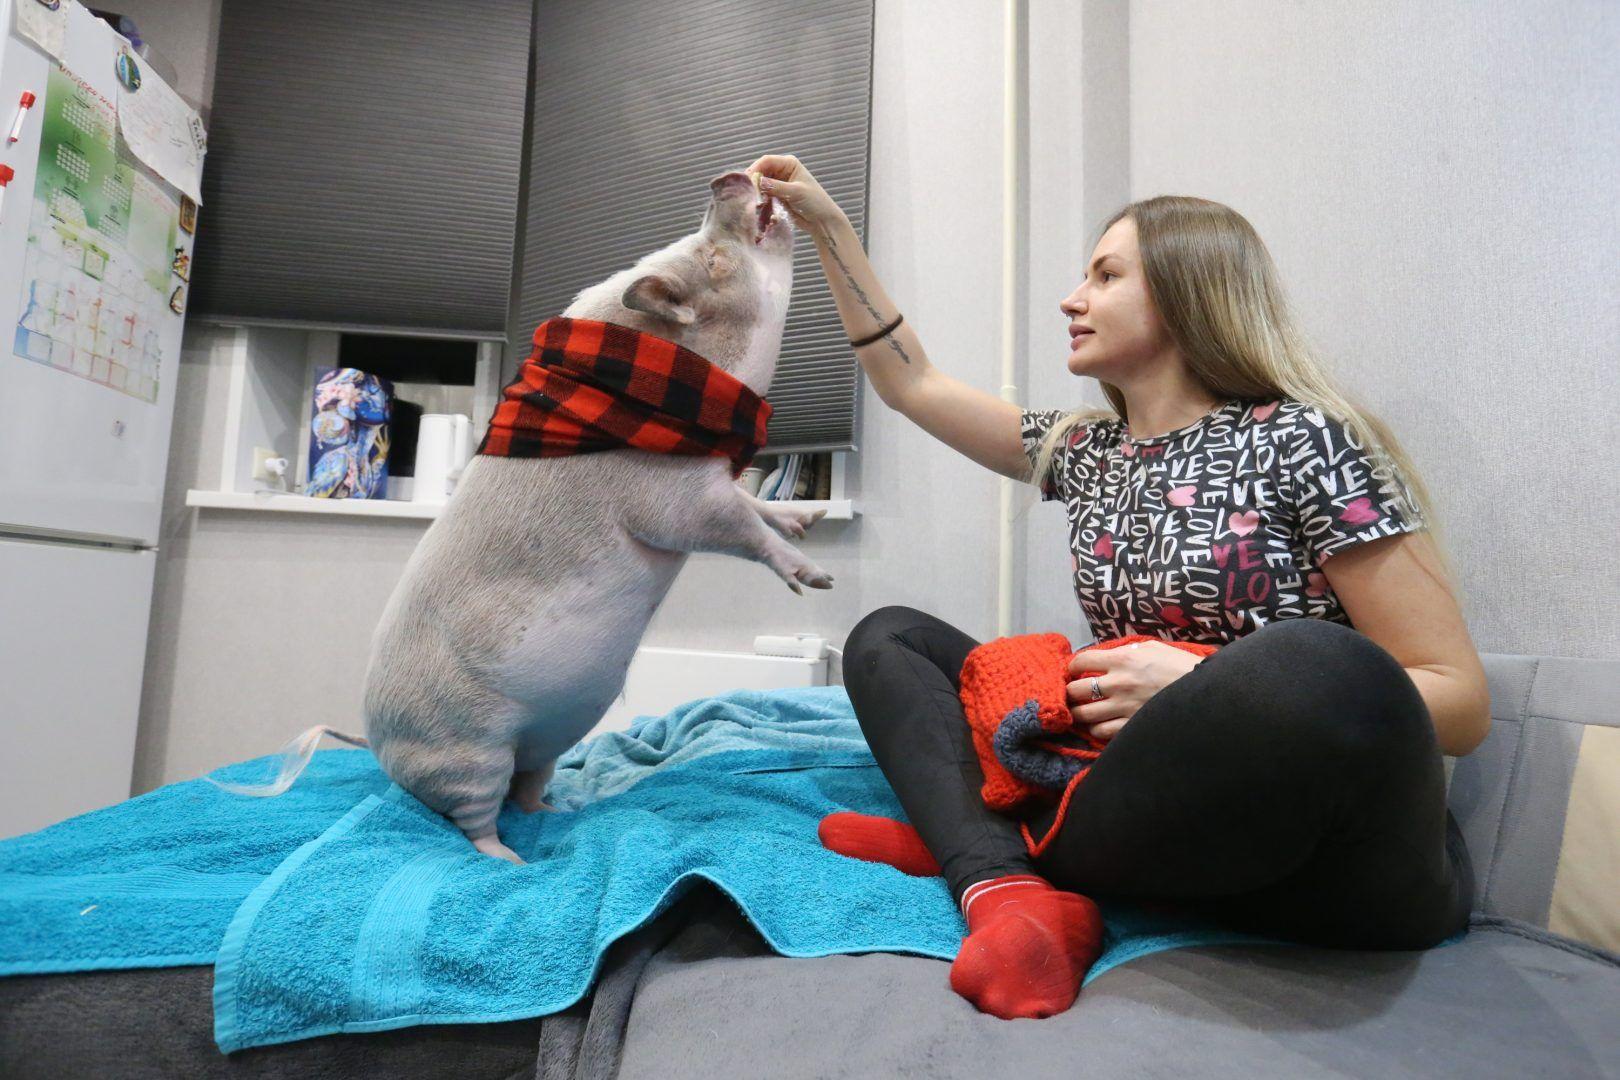 28 ноября 2019 года. Внуковское. Ольга Борисова вяжет свитер для домашнего любимца — мини-пига Локки. Фото: Виктор Хабаров